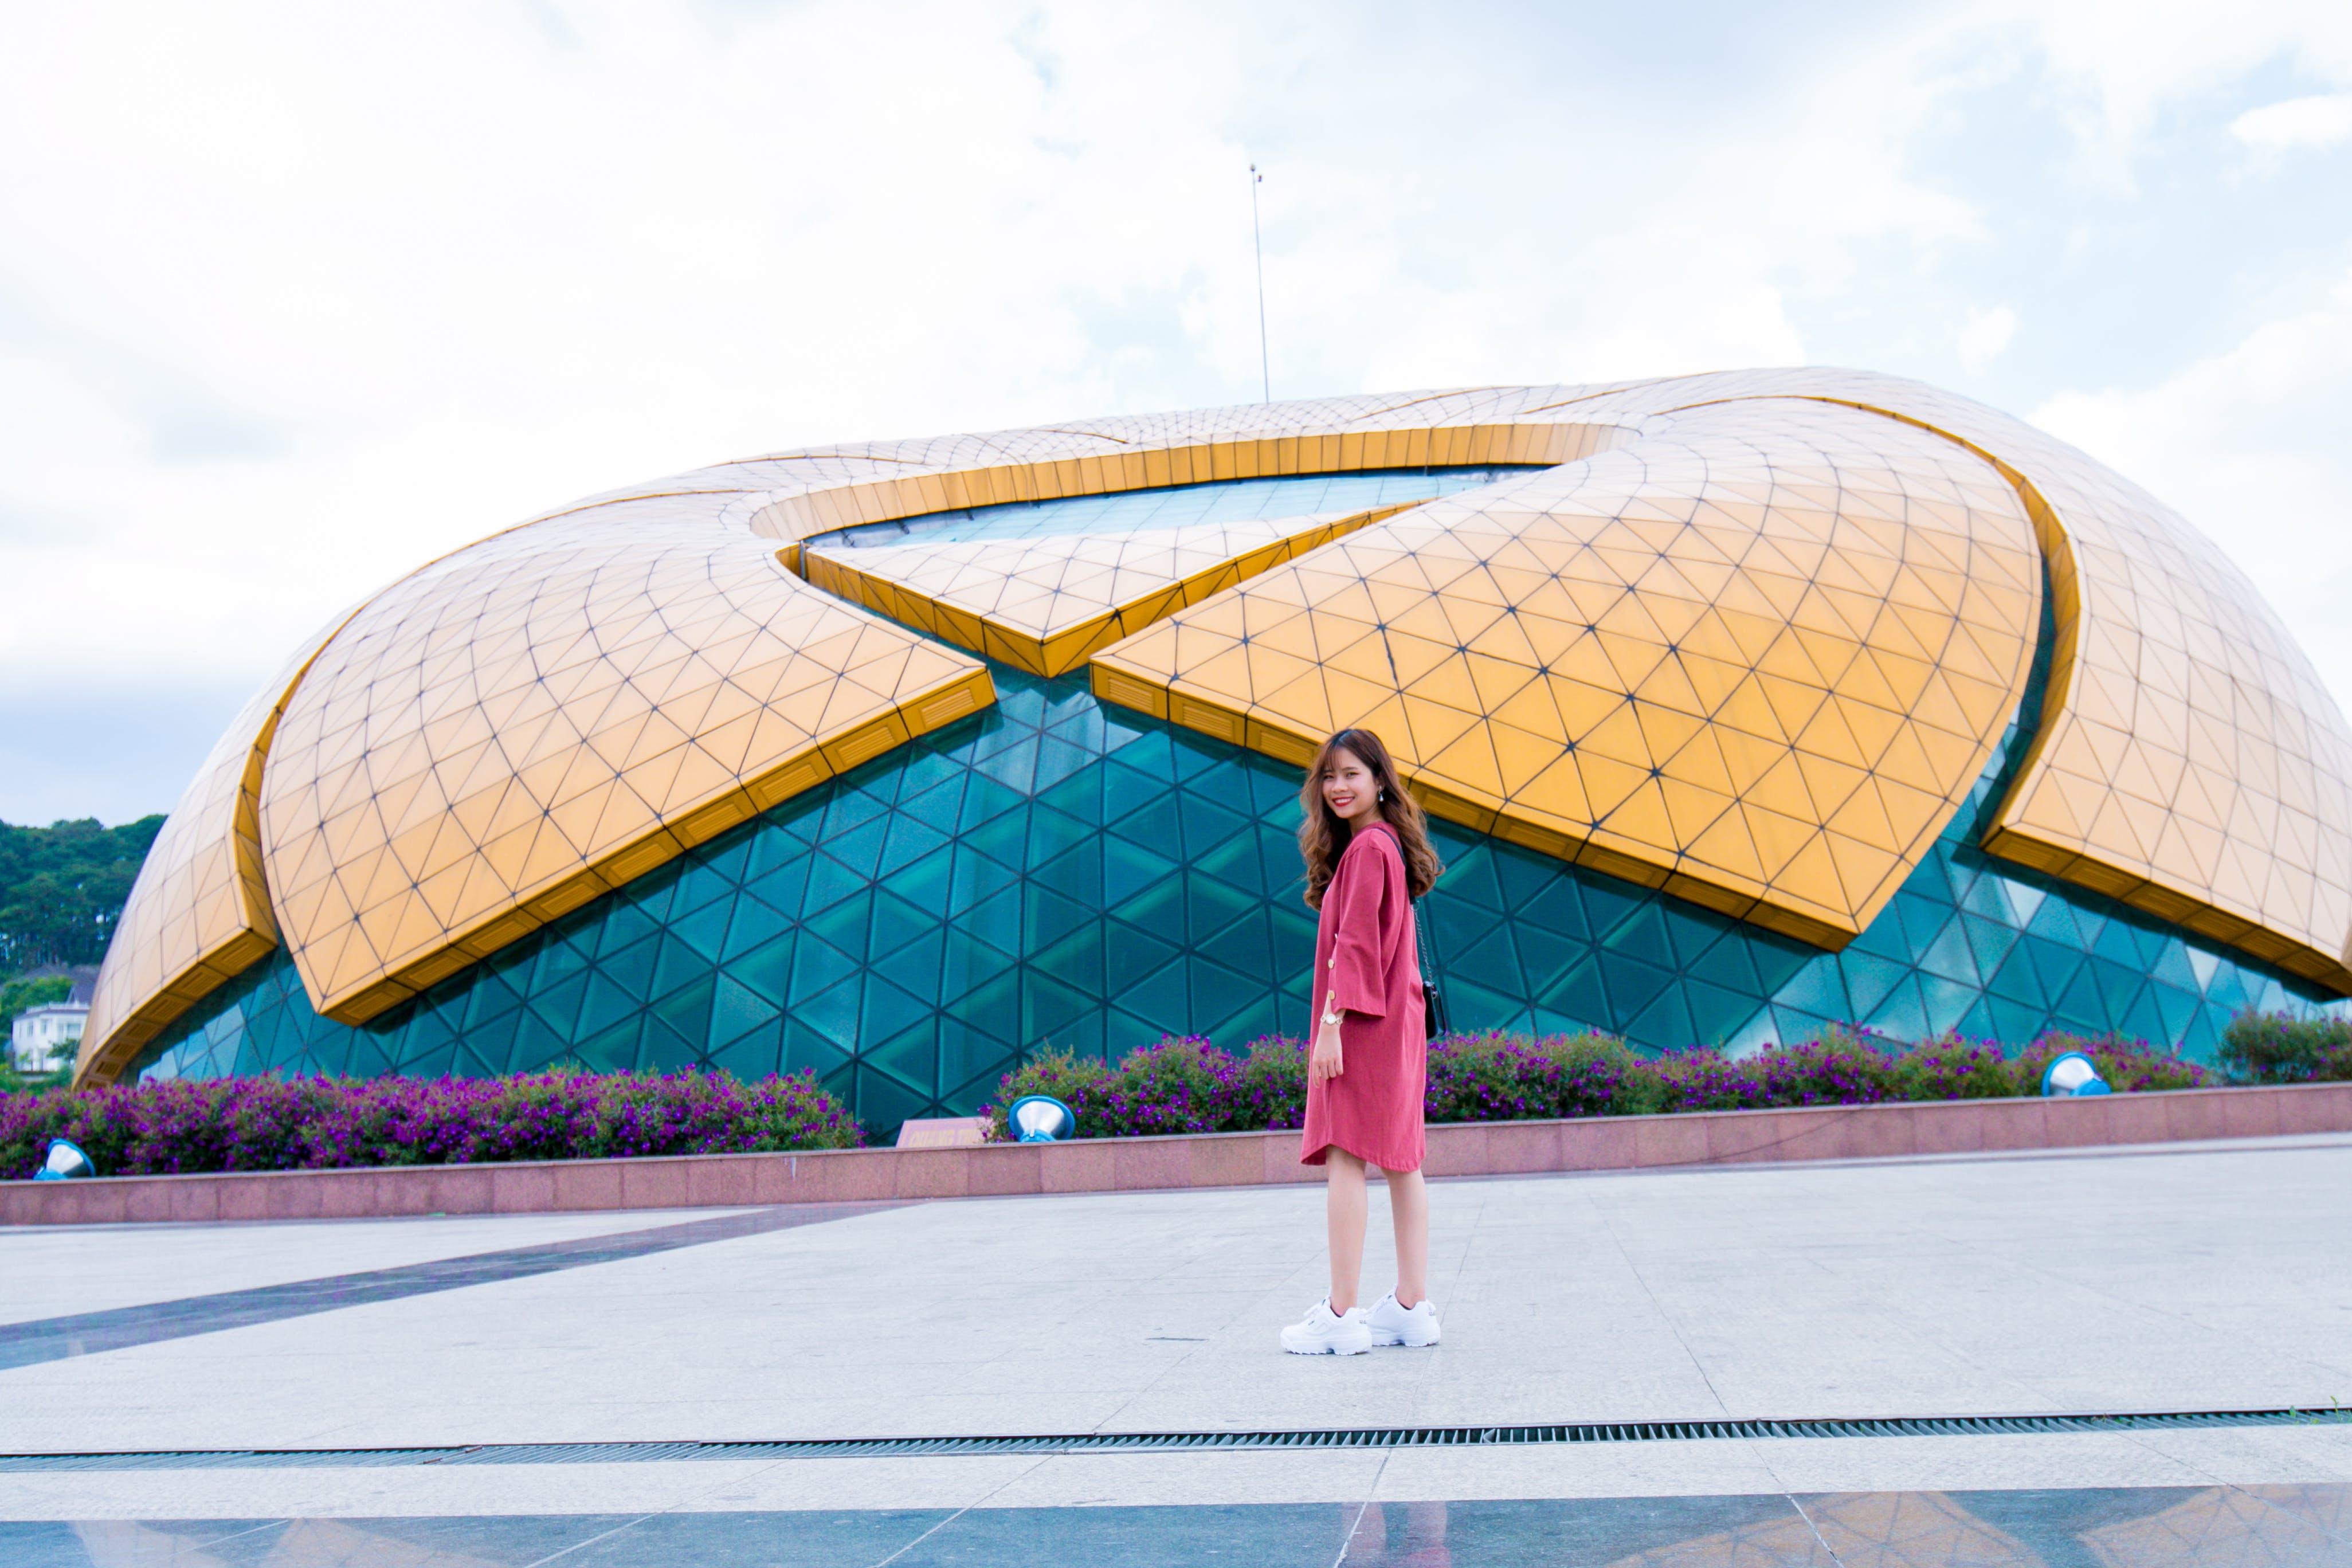 Kostenloses Stock Foto zu architektur, asiatin, asiatische frau, draußen